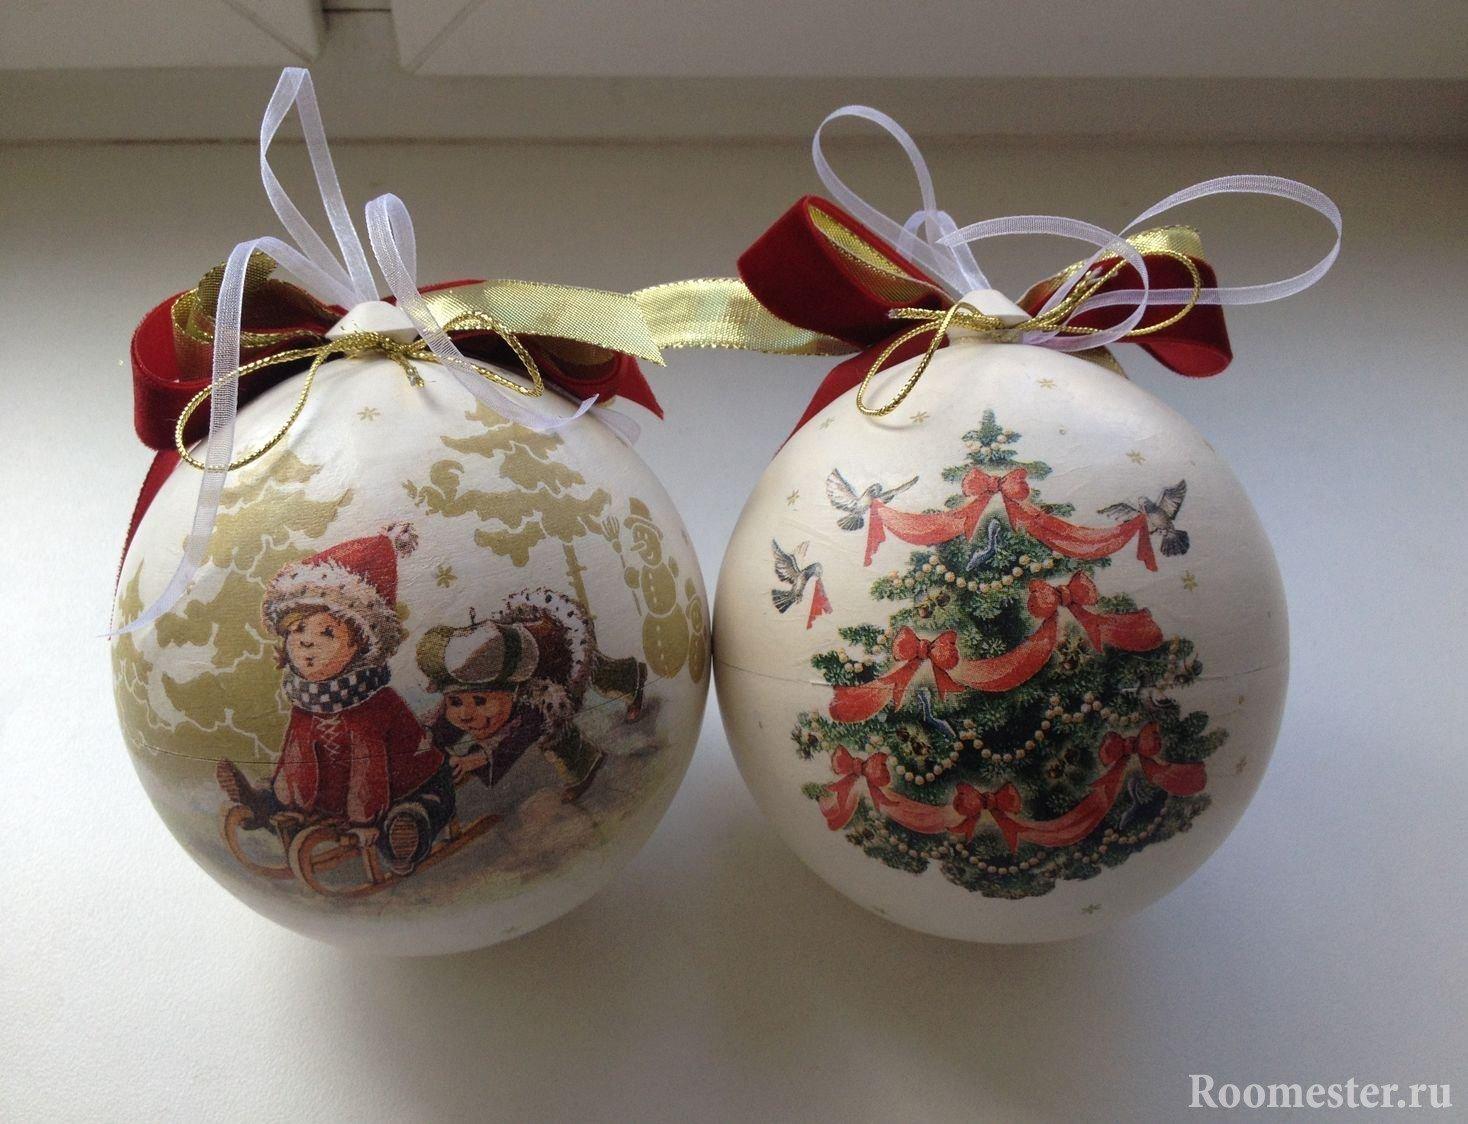 Новогодние шары из ткани своими руками фото 780